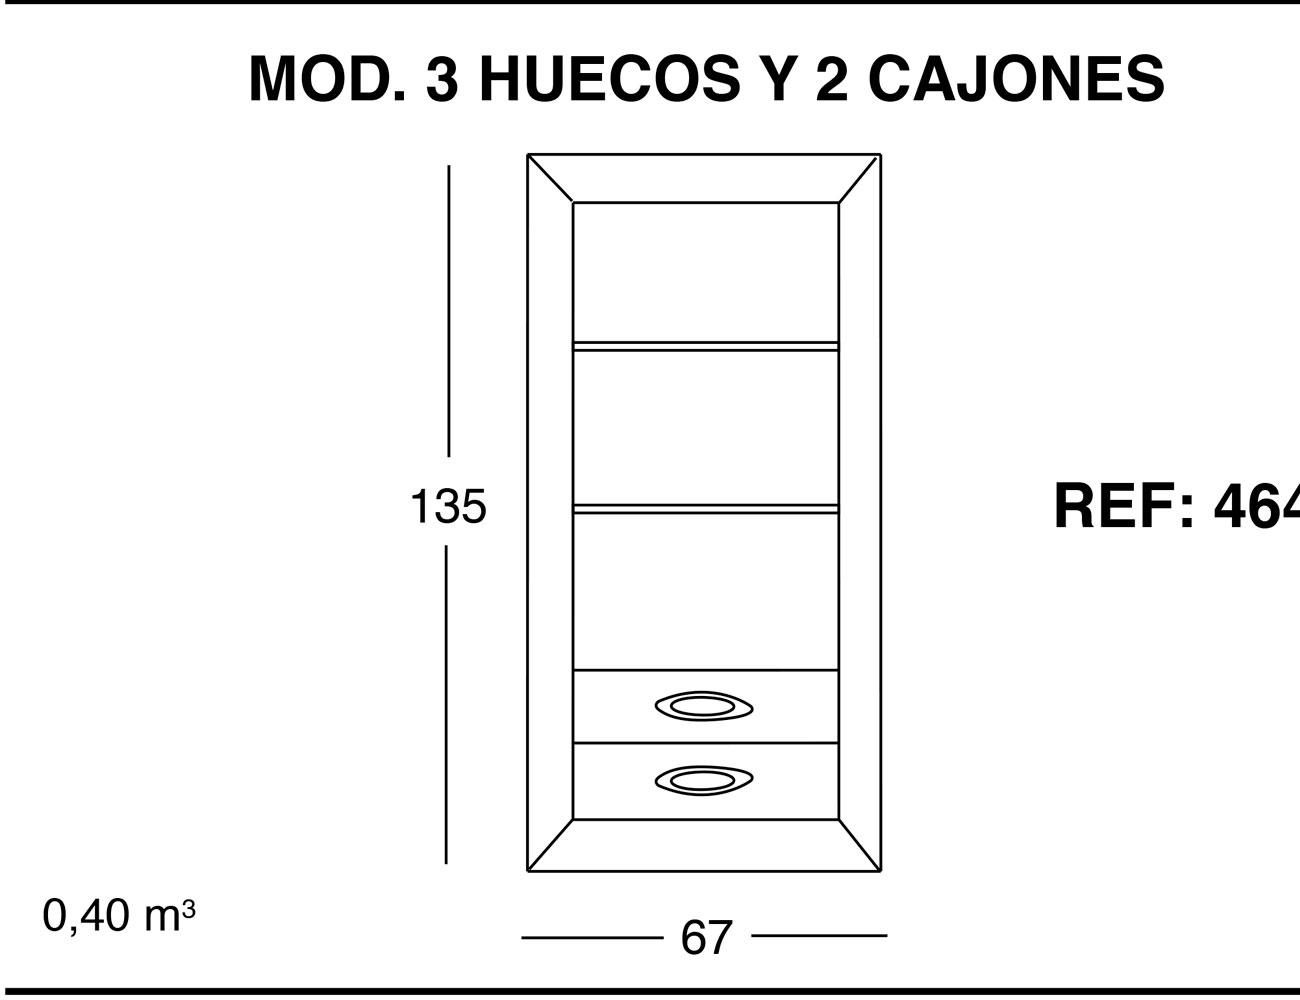 Modulo 3 huecos 2 cajones